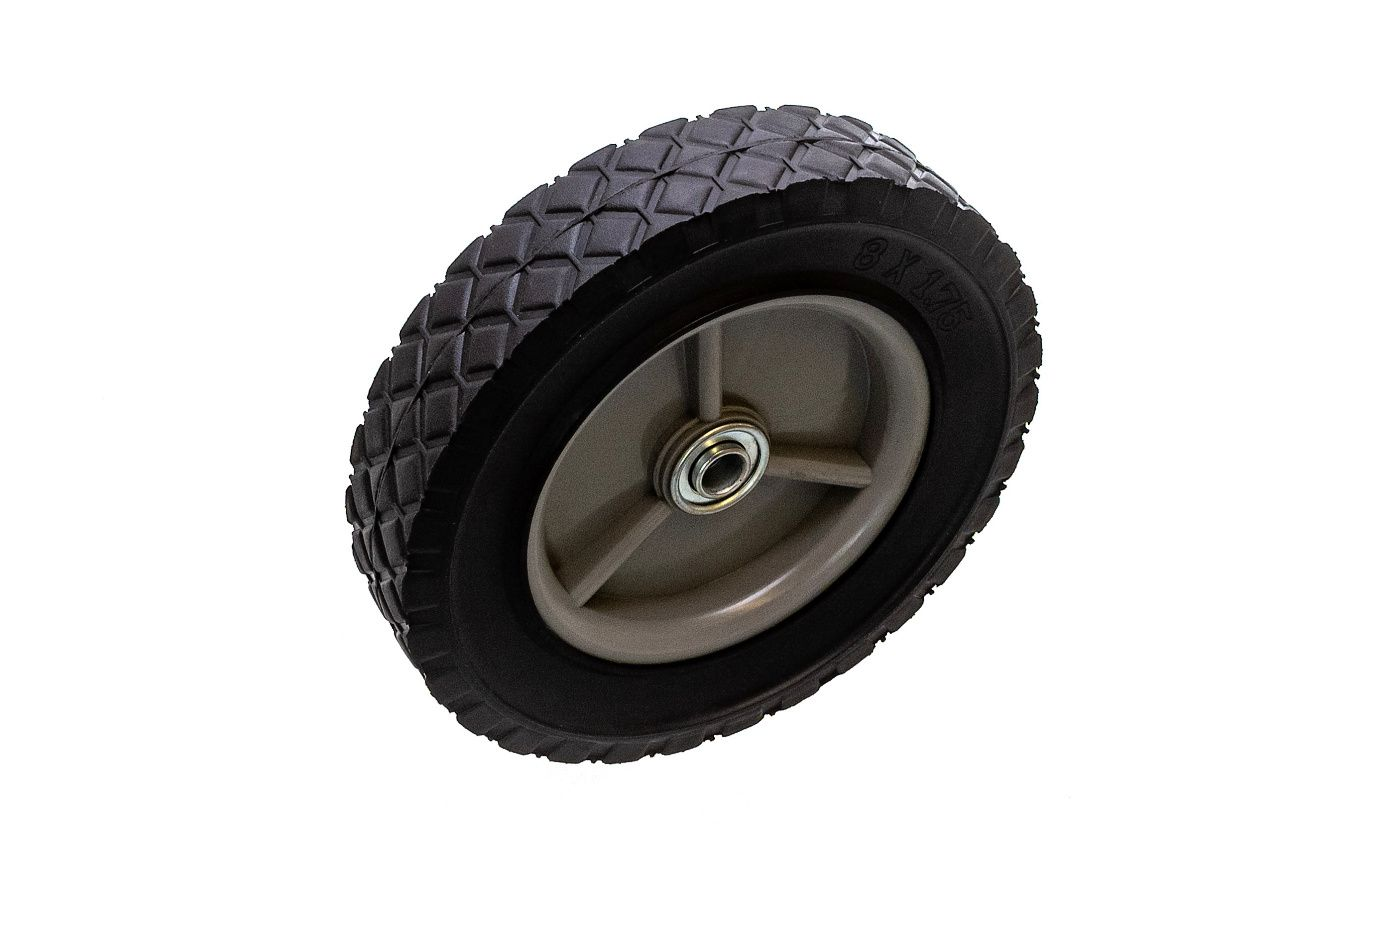 Univerzální kolo 200mm - plastové + ložisko, pryžová pneumatika